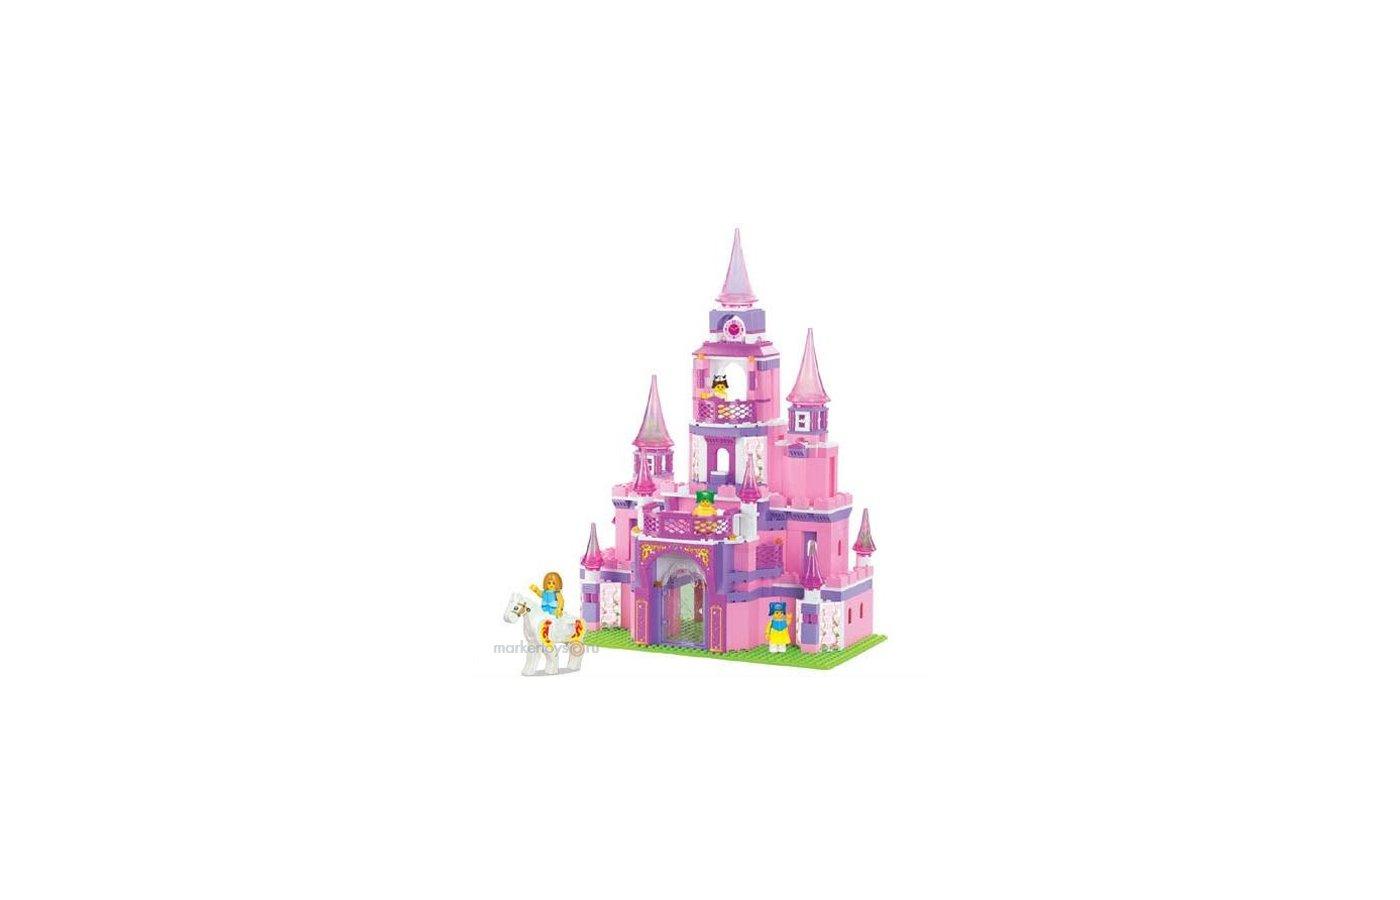 Конструктор SLUBAN 38-0152 Замок для девочек